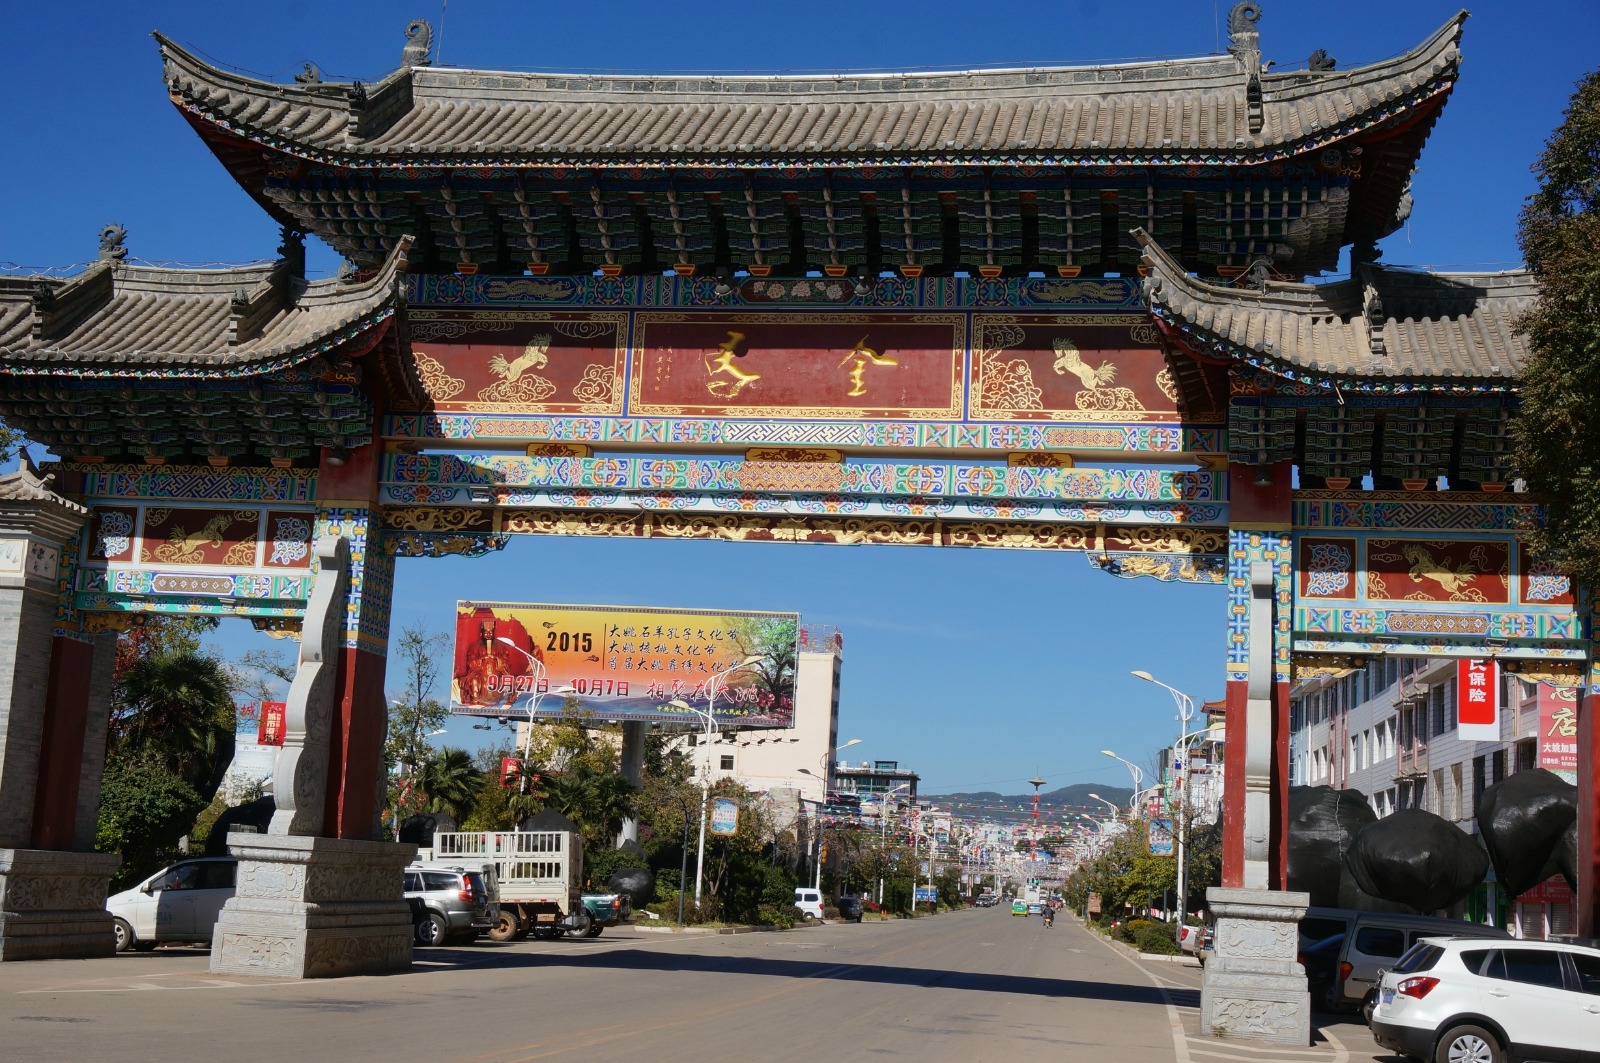 【大姚县旅游线路】大姚县旅游攻略,大姚县旅游景点